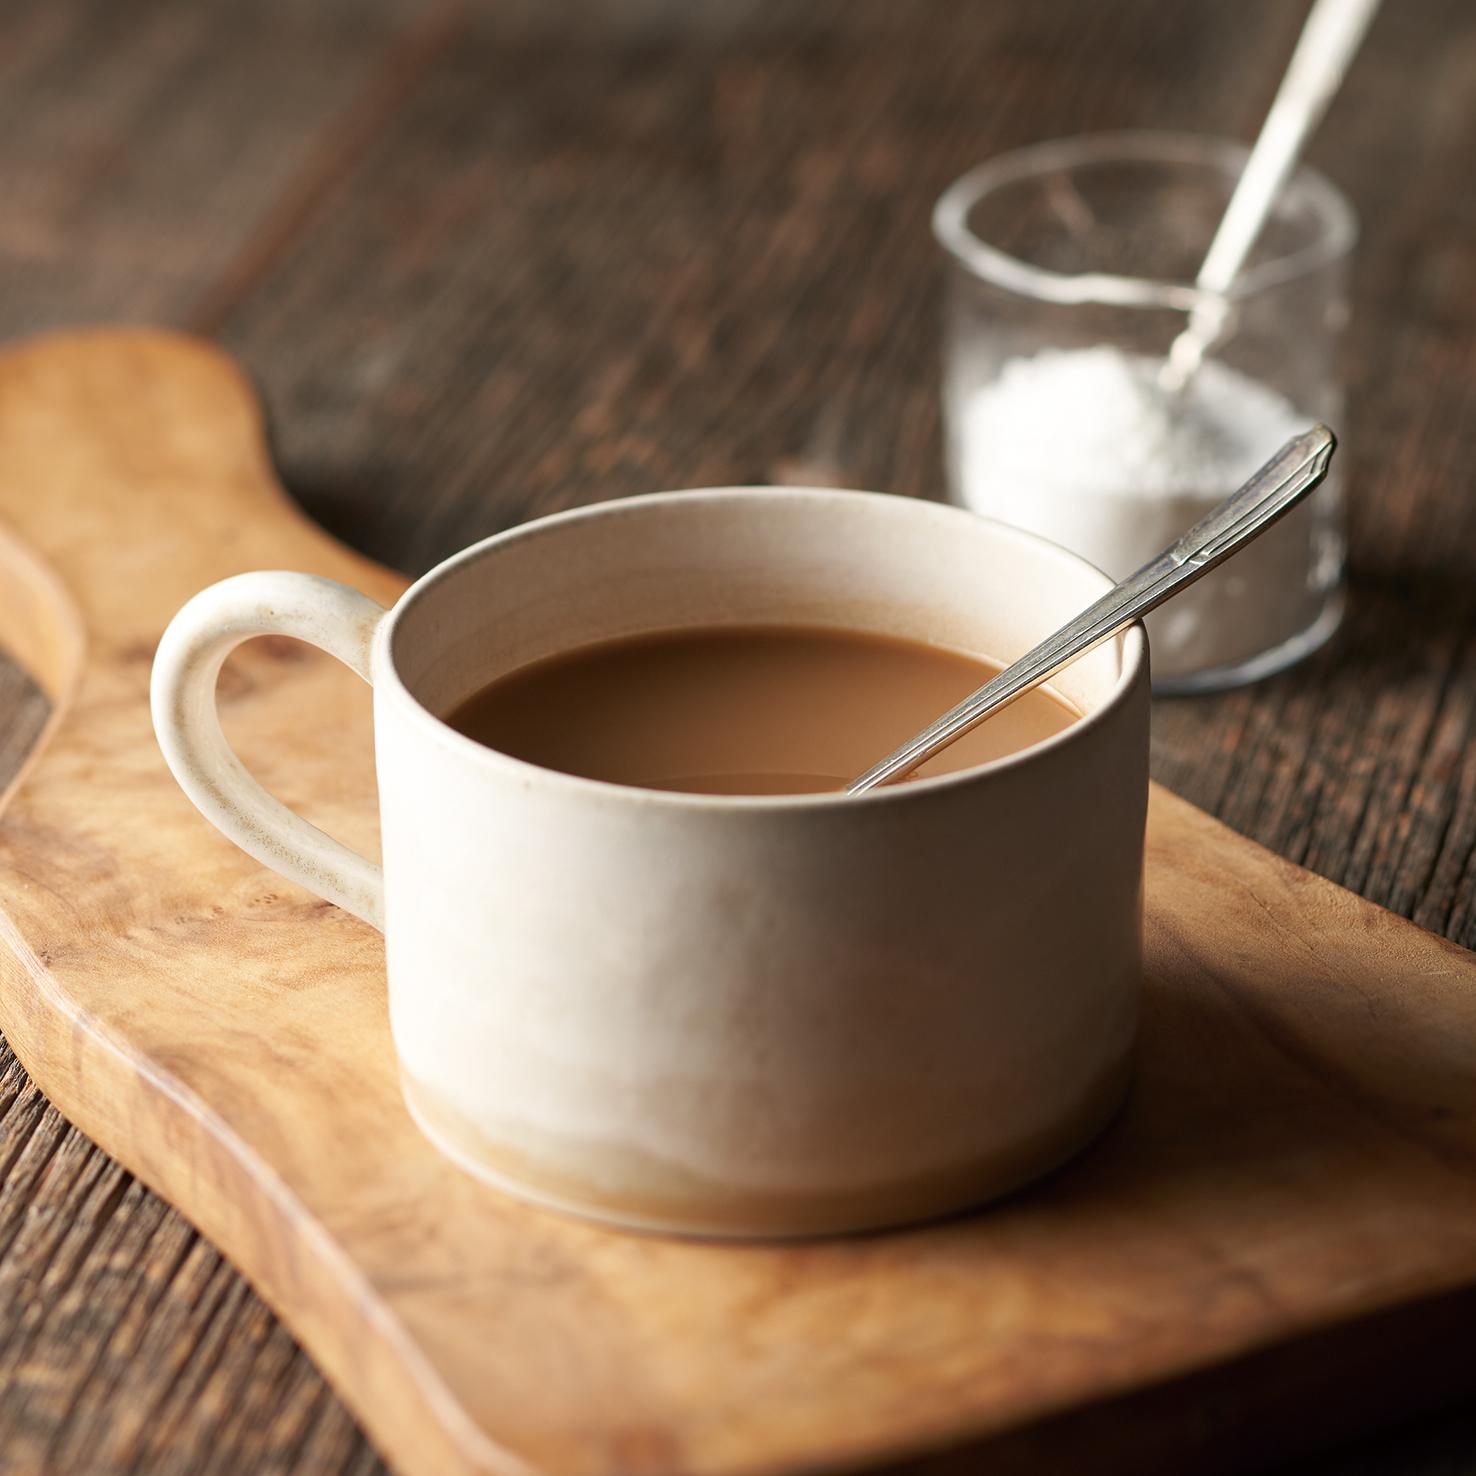 #コーヒーの日 に飲みたい『カルディコーヒーファーム』の新作フレーバーコーヒーを紹介! おすすめアレンジも_3